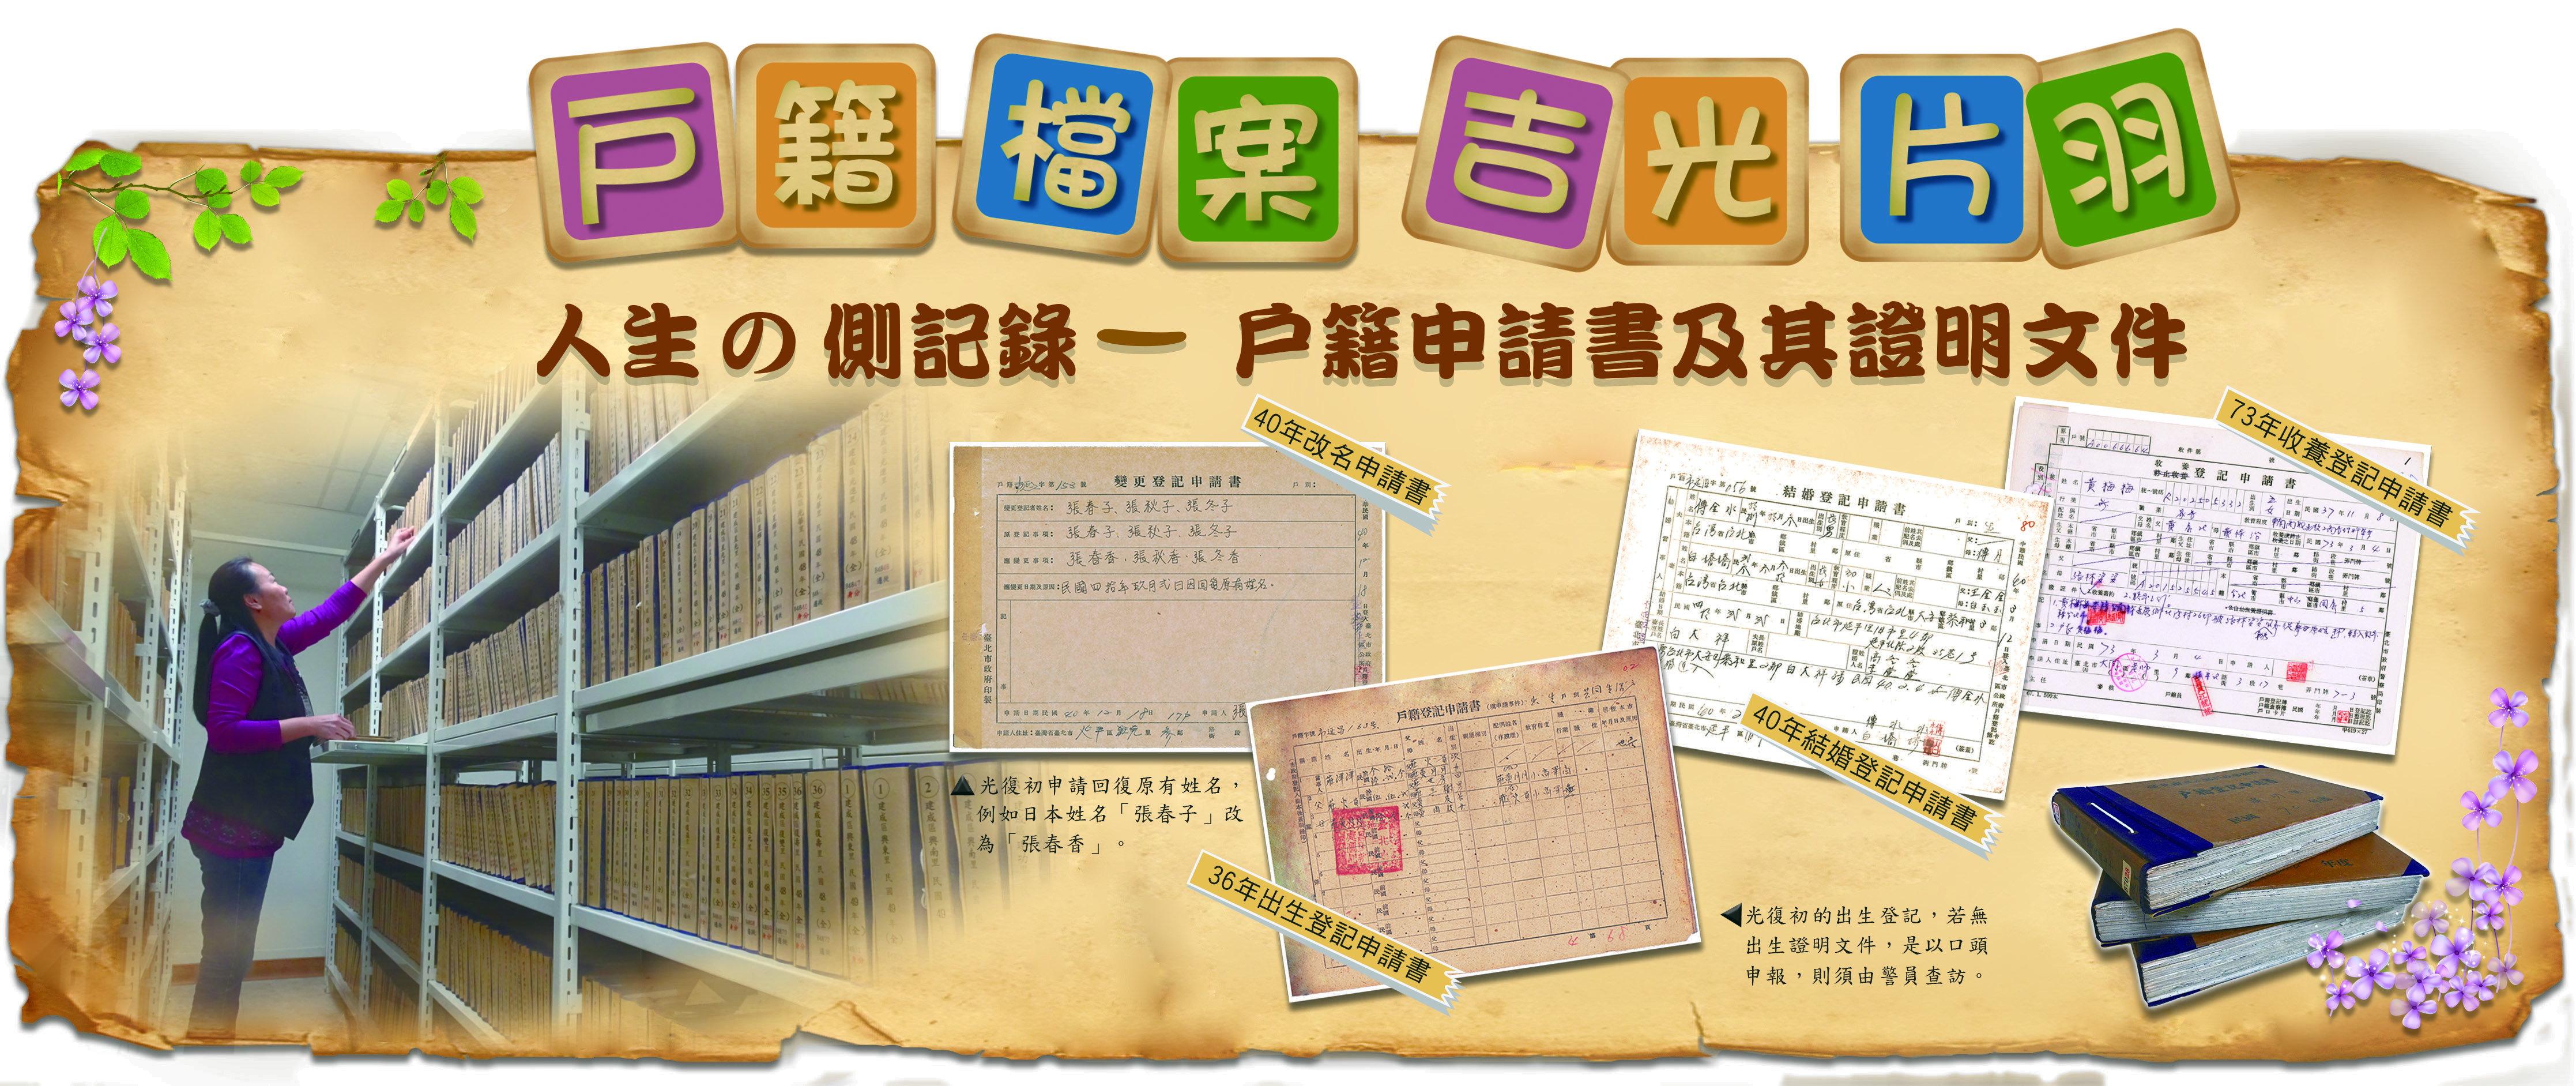 戶籍登記申請書數位化啟動(縮圖)